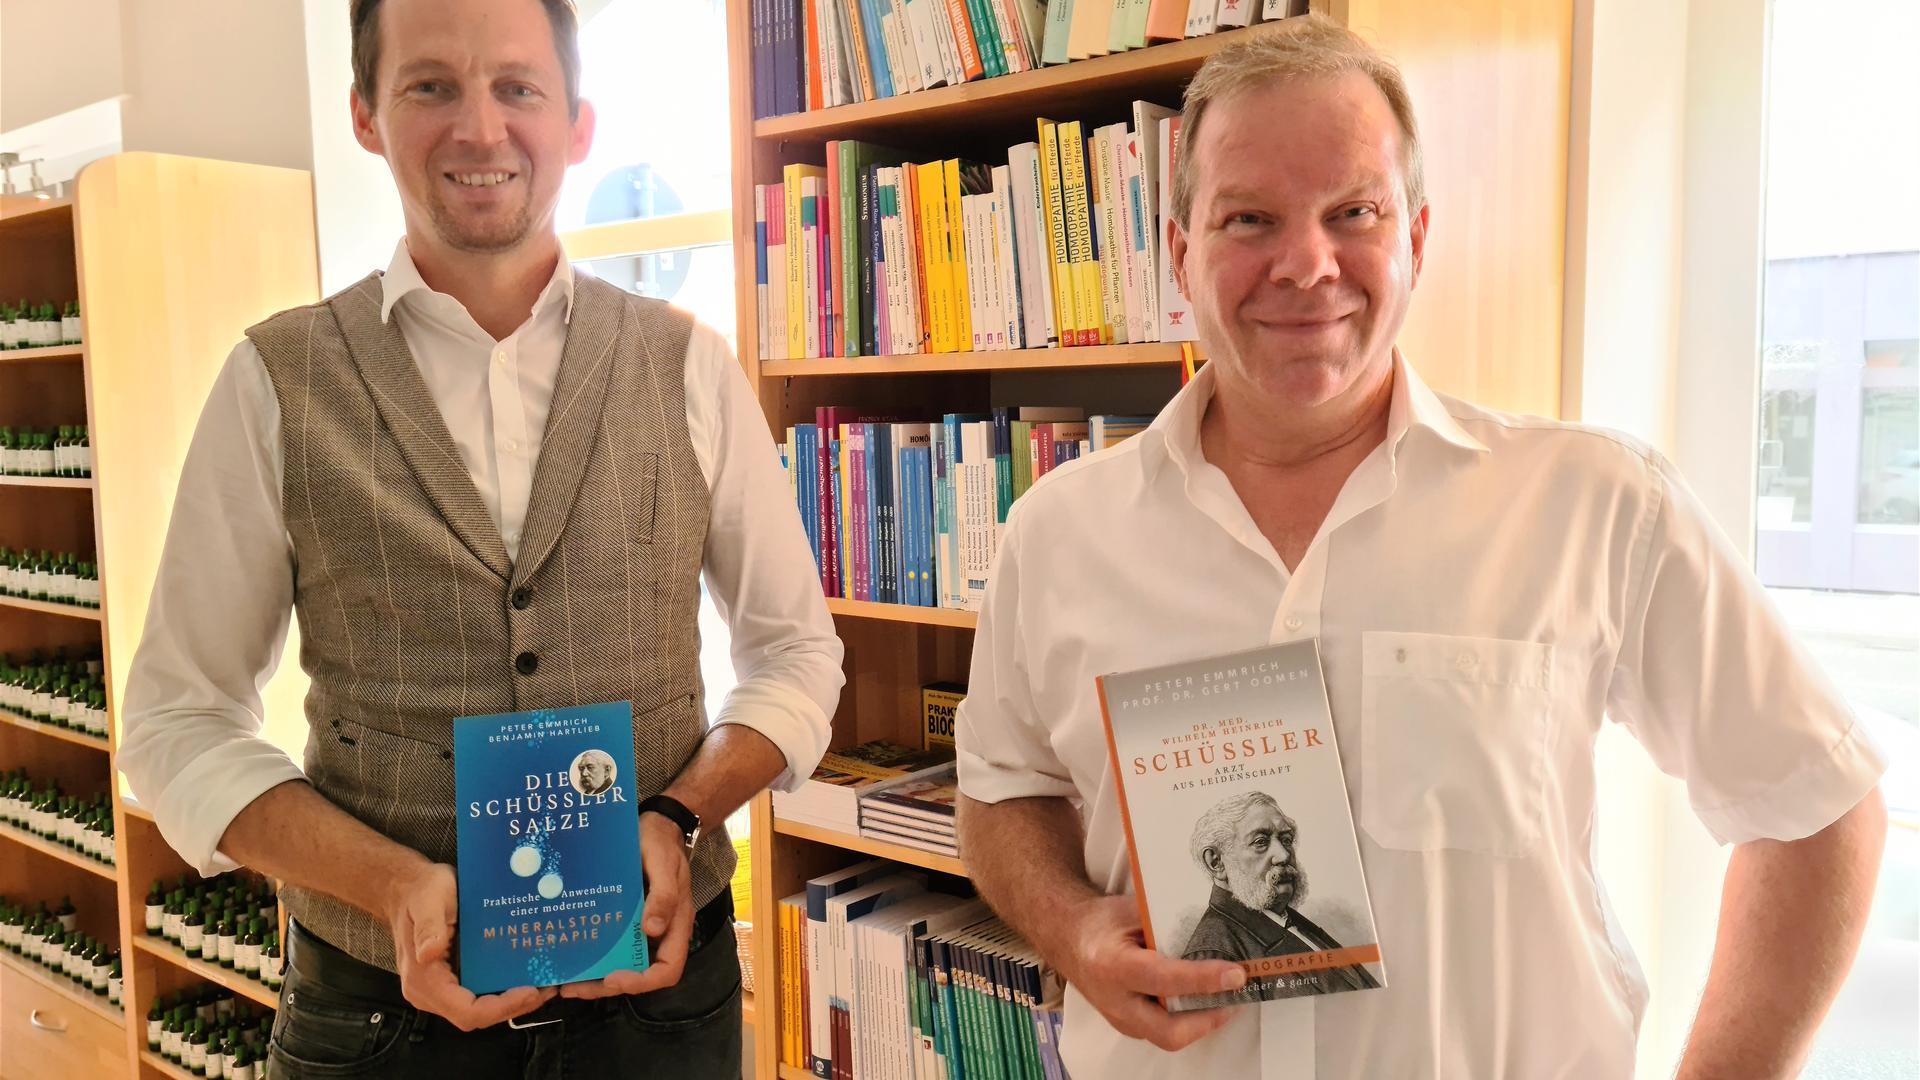 Zwei Männer stehen vor einem Buchregal und halten jeweils ein Buch in den Händen